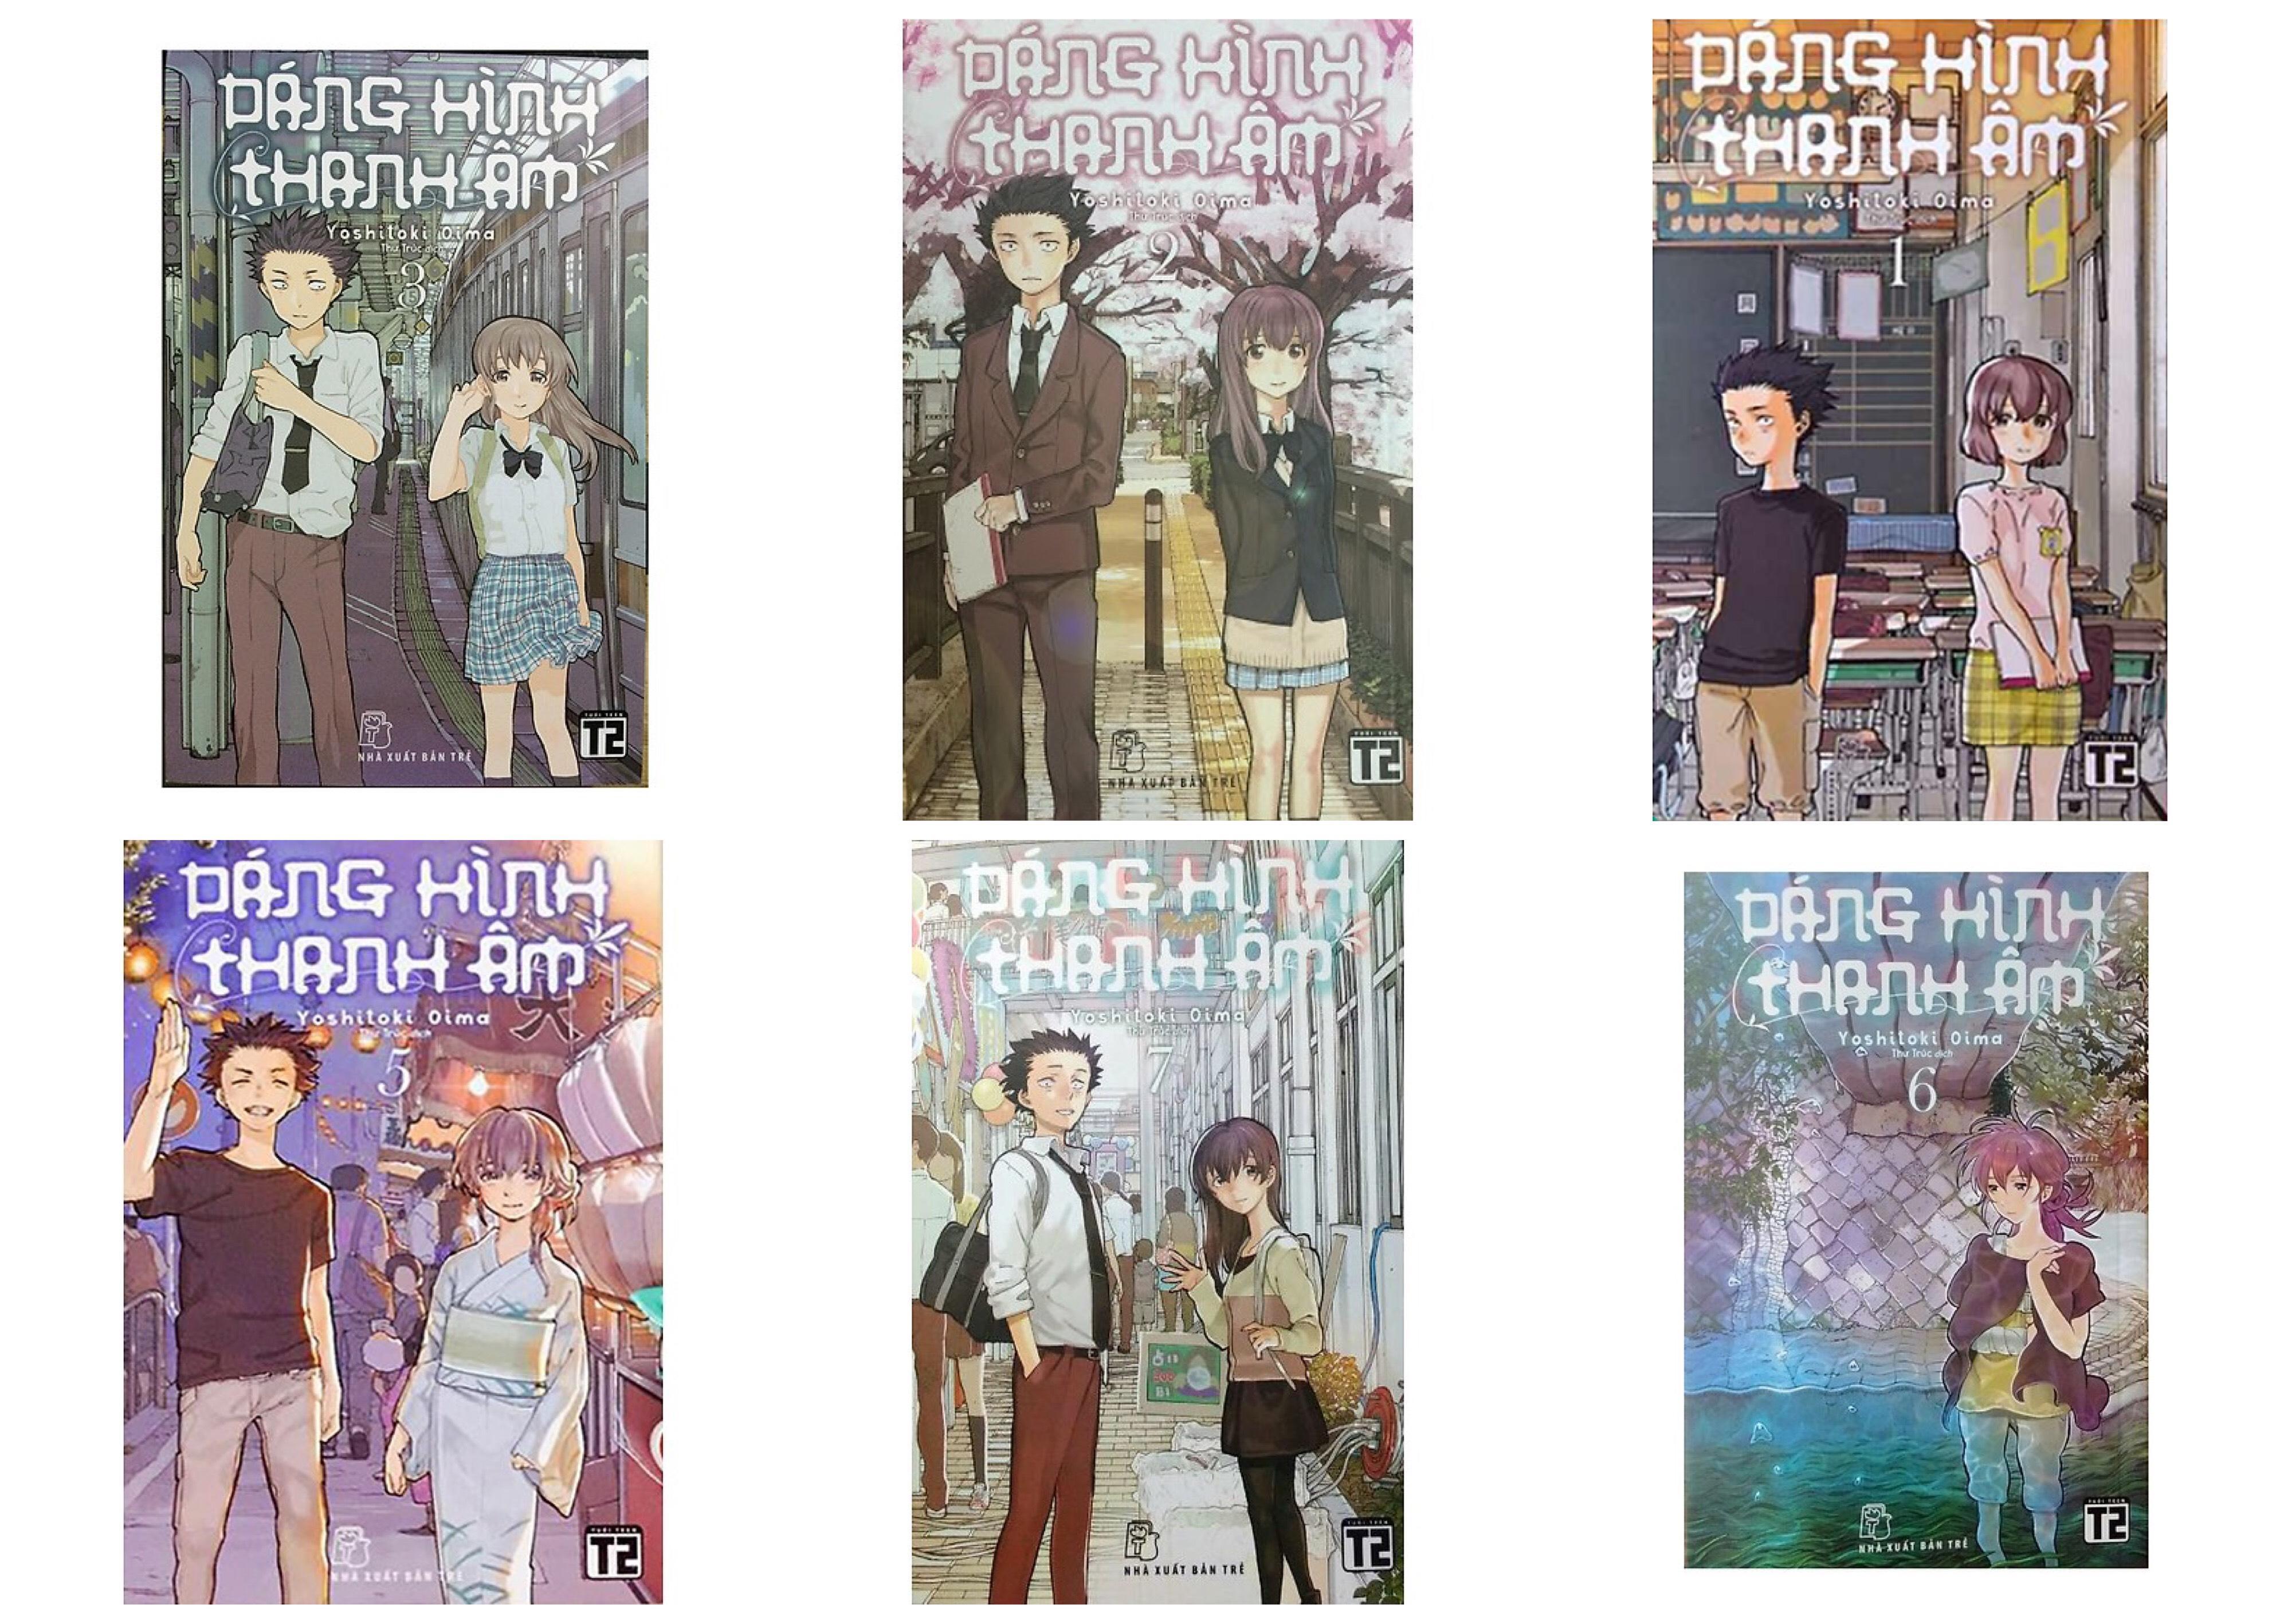 Truyện Tranh - Combo 6 Quyển Dáng Hình Thanh Âm (Tập 1,2,3,5,6,7) - Tặng Bookmark Kẹp Sách 10K - Hiệu Sách Cindy Giá Tốt Duy Nhất tại Lazada